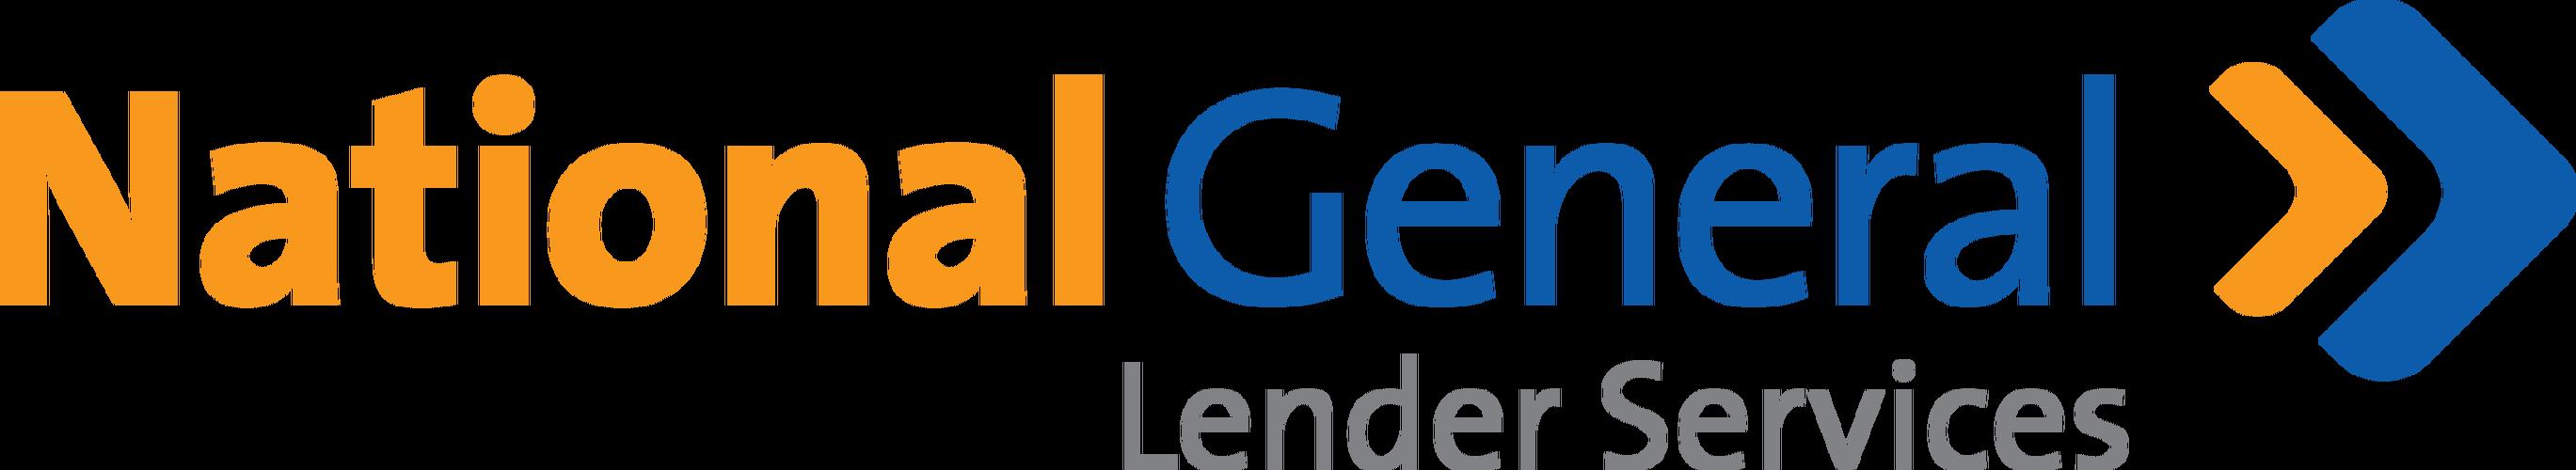 NATIONAL GENERAL LENDER SERVICES